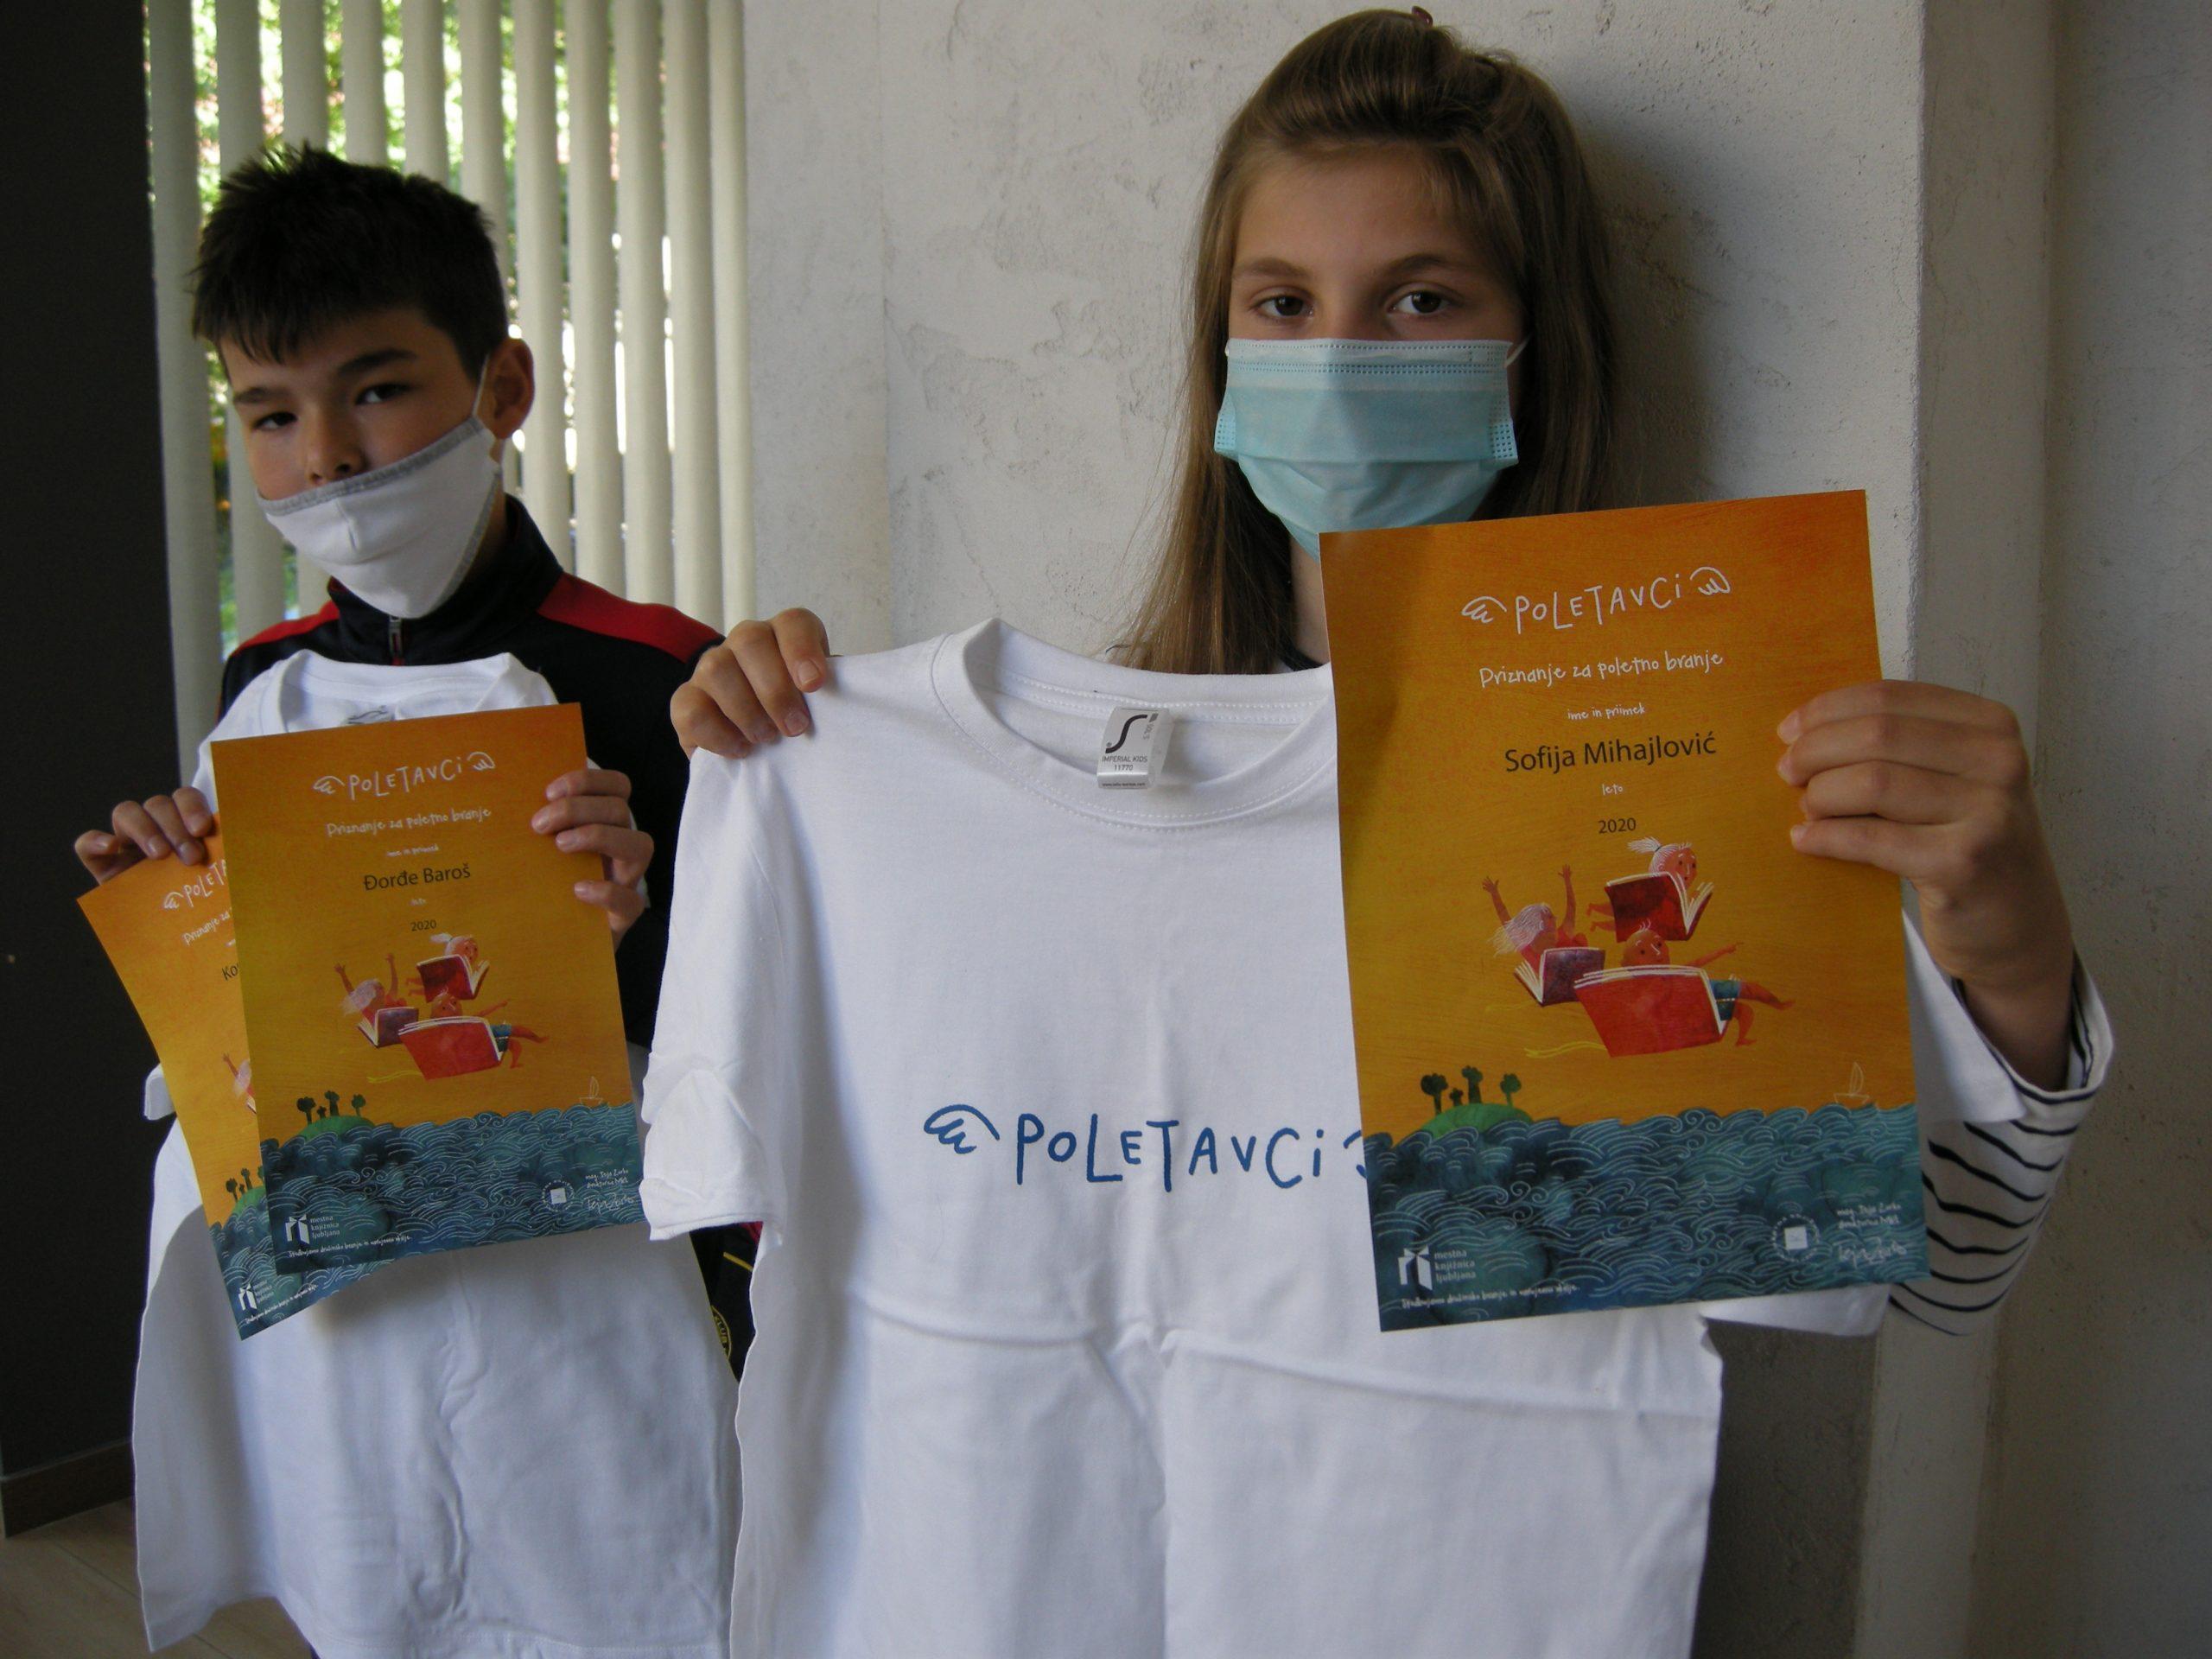 Učenca s priznanjema in z majicama.